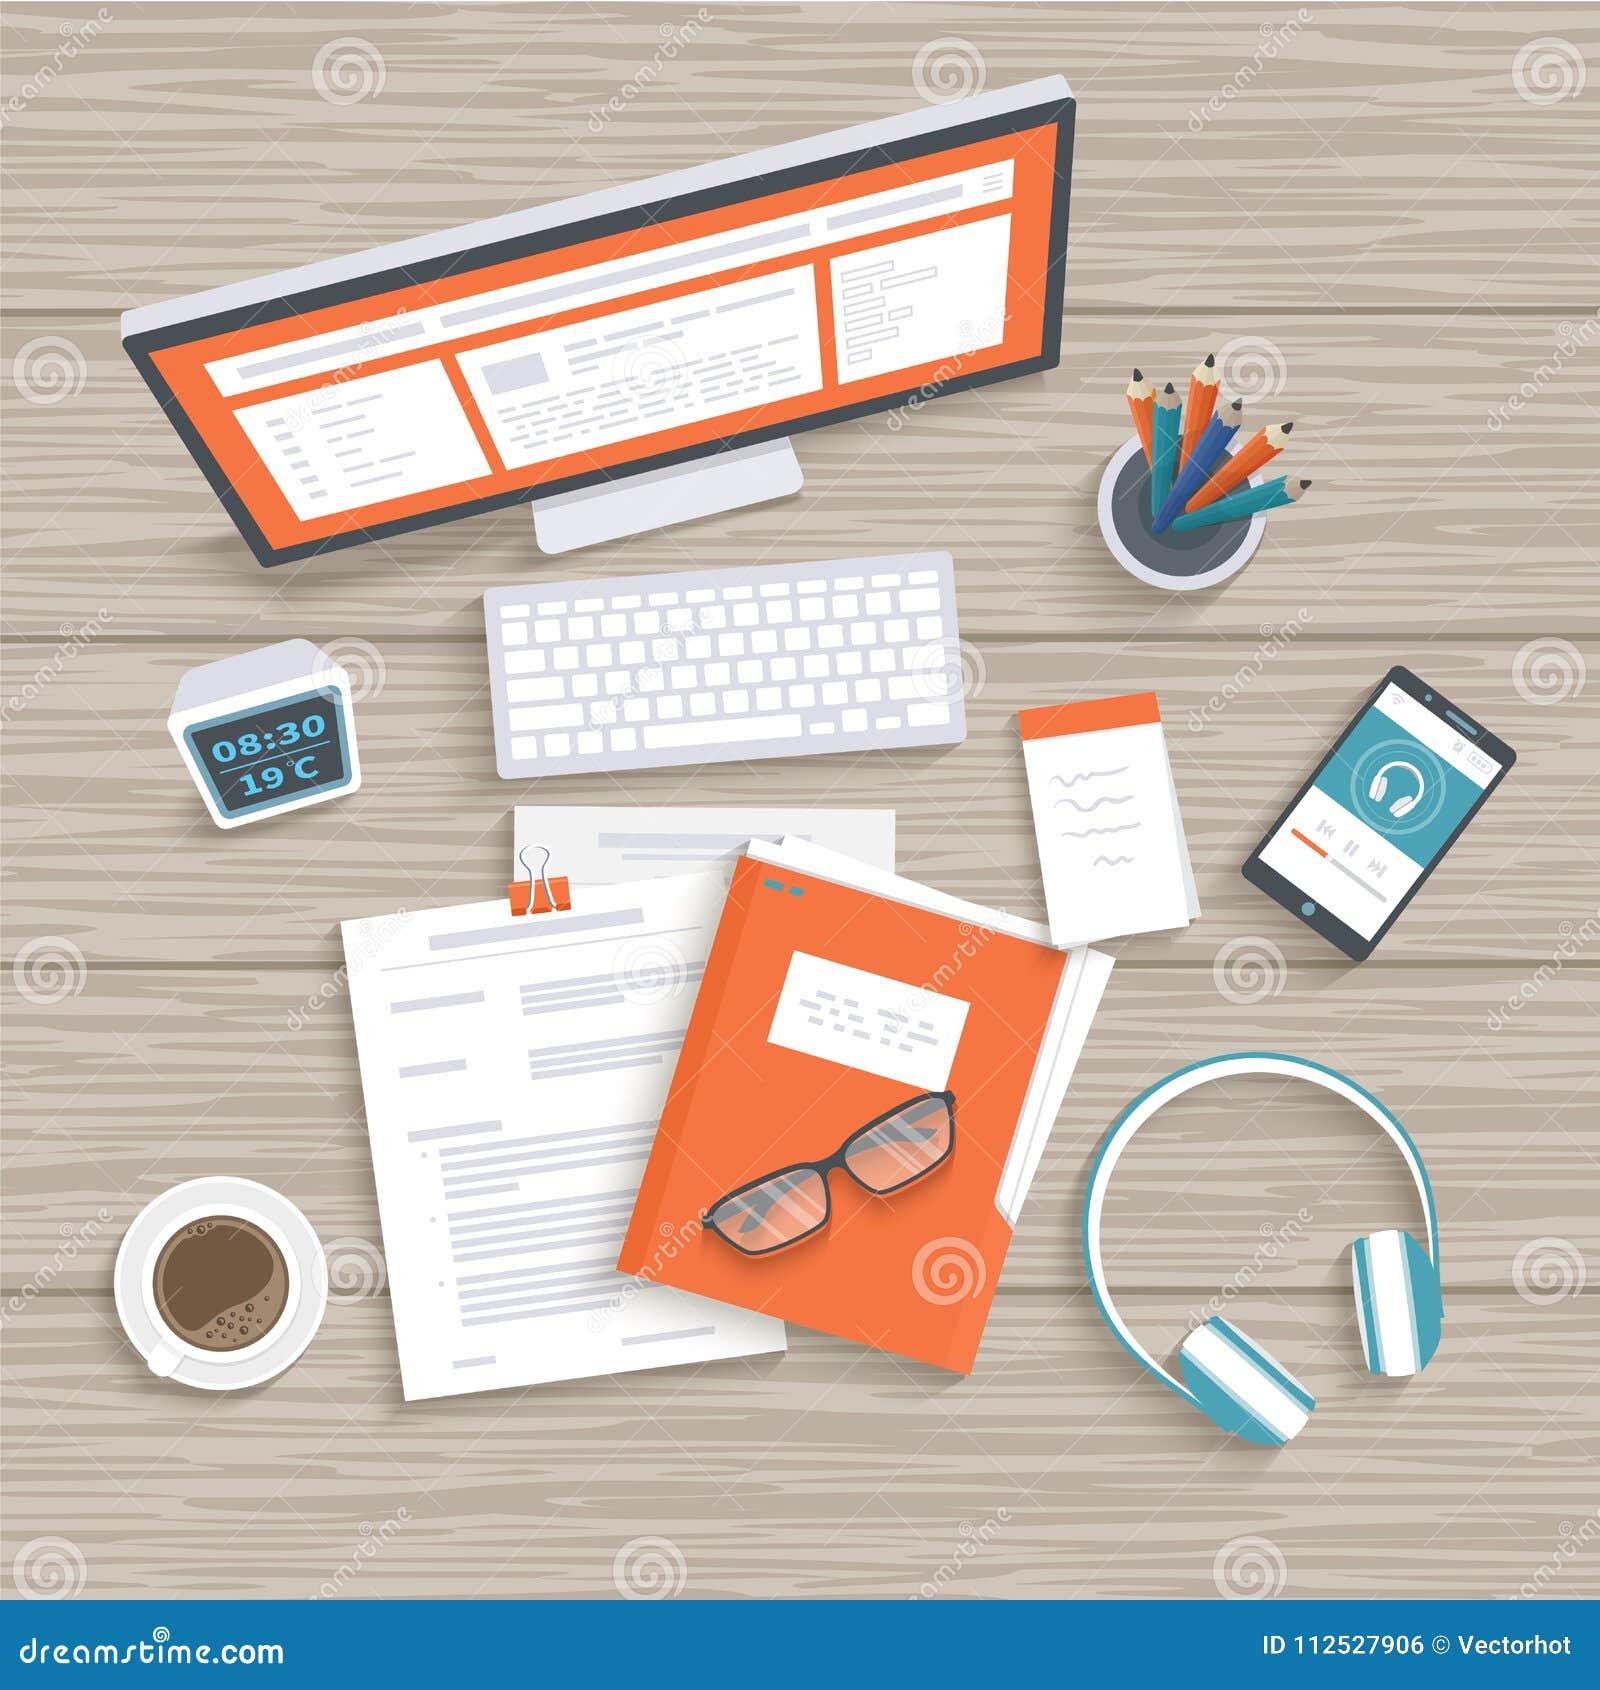 Υπολογιστής γραφείου με το όργανο ελέγχου, πληκτρολόγιο, έγγραφα, φάκελλος, ακουστικά, τηλέφωνο Ξύλινη όψη επιτραπέζιων κορυφών Υ